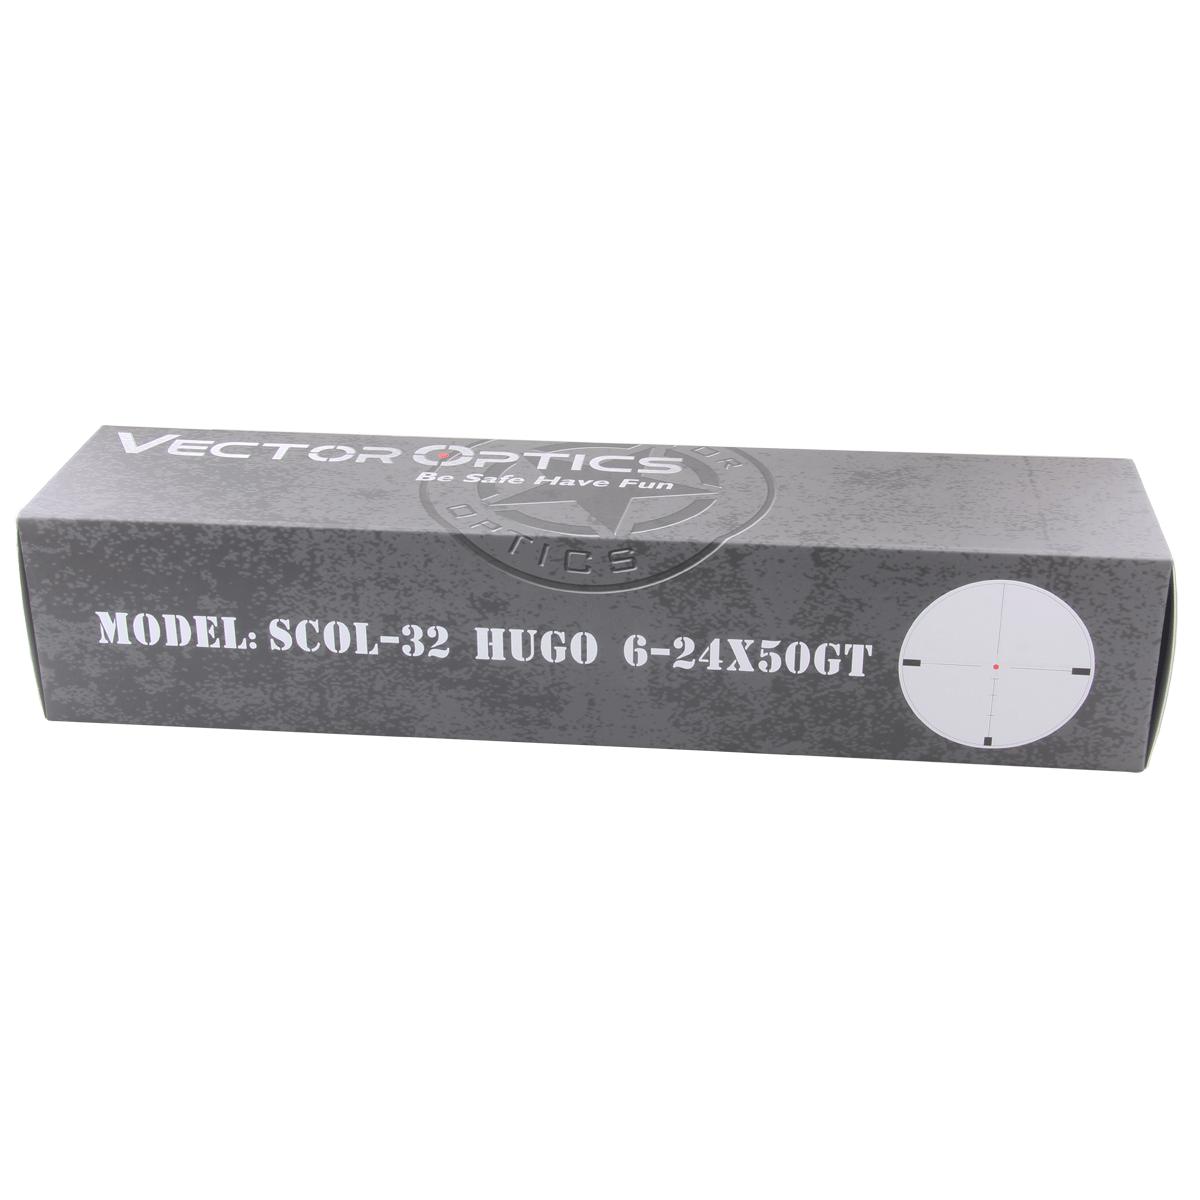 Hugo 6-24x50GT SFP Riflescope